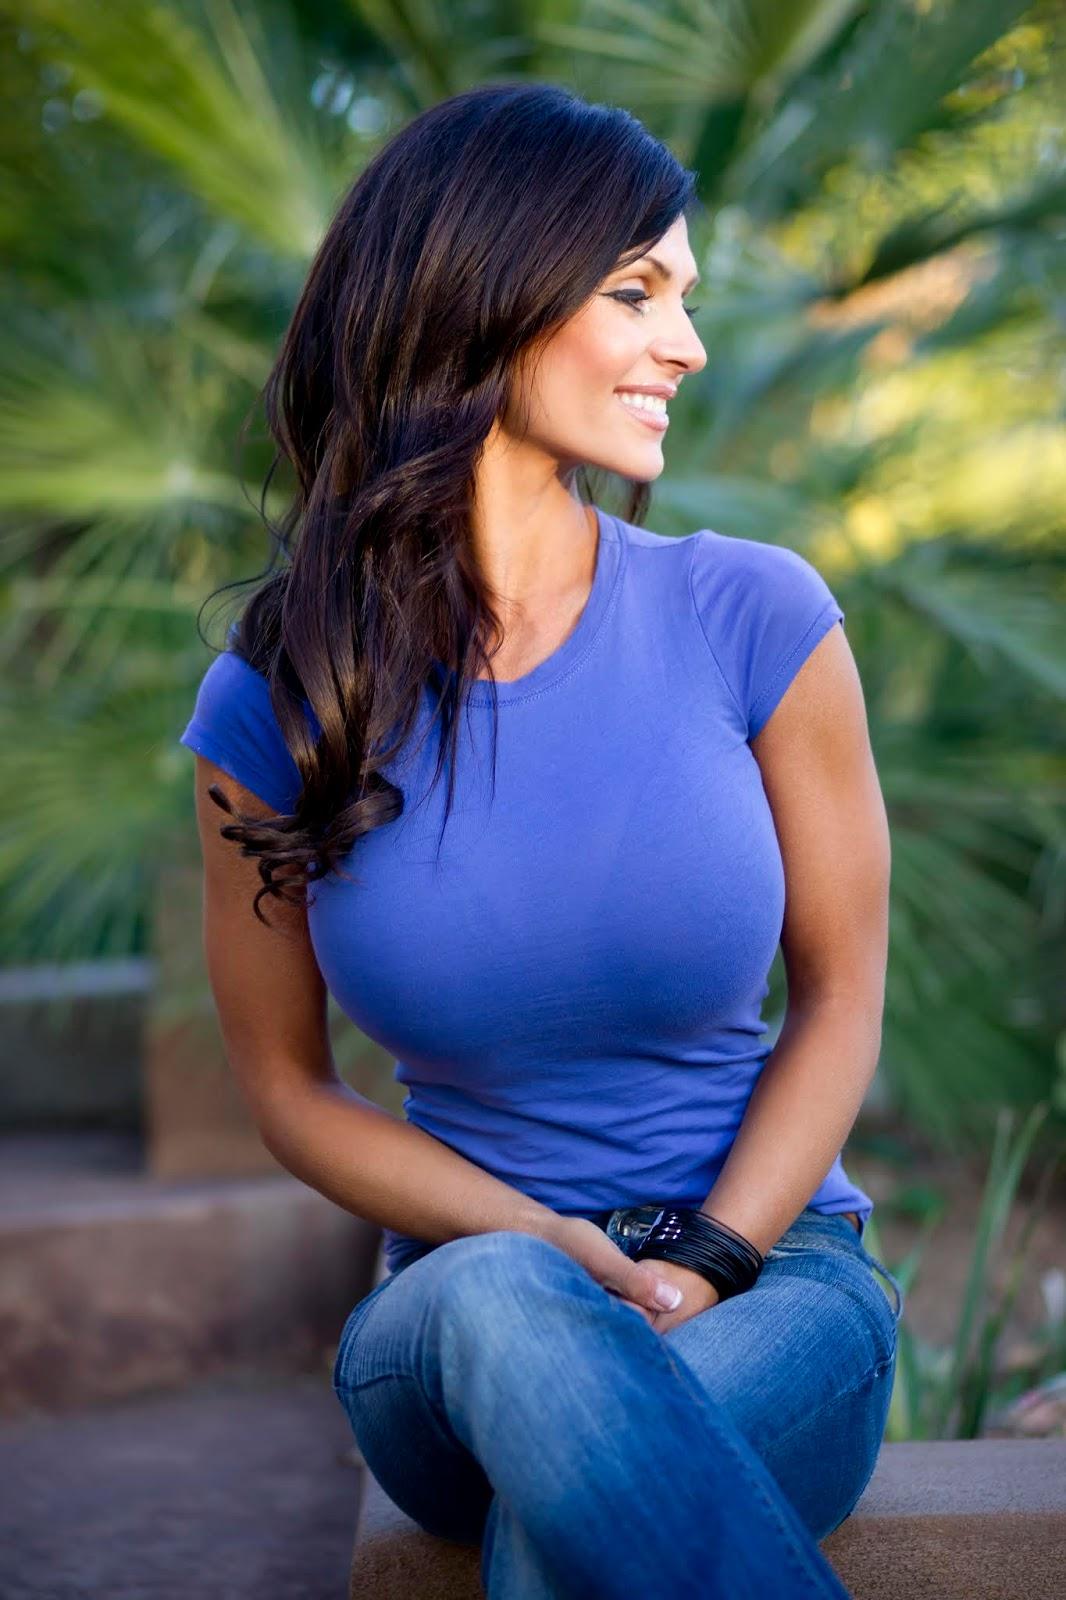 Big tits in tight shirts